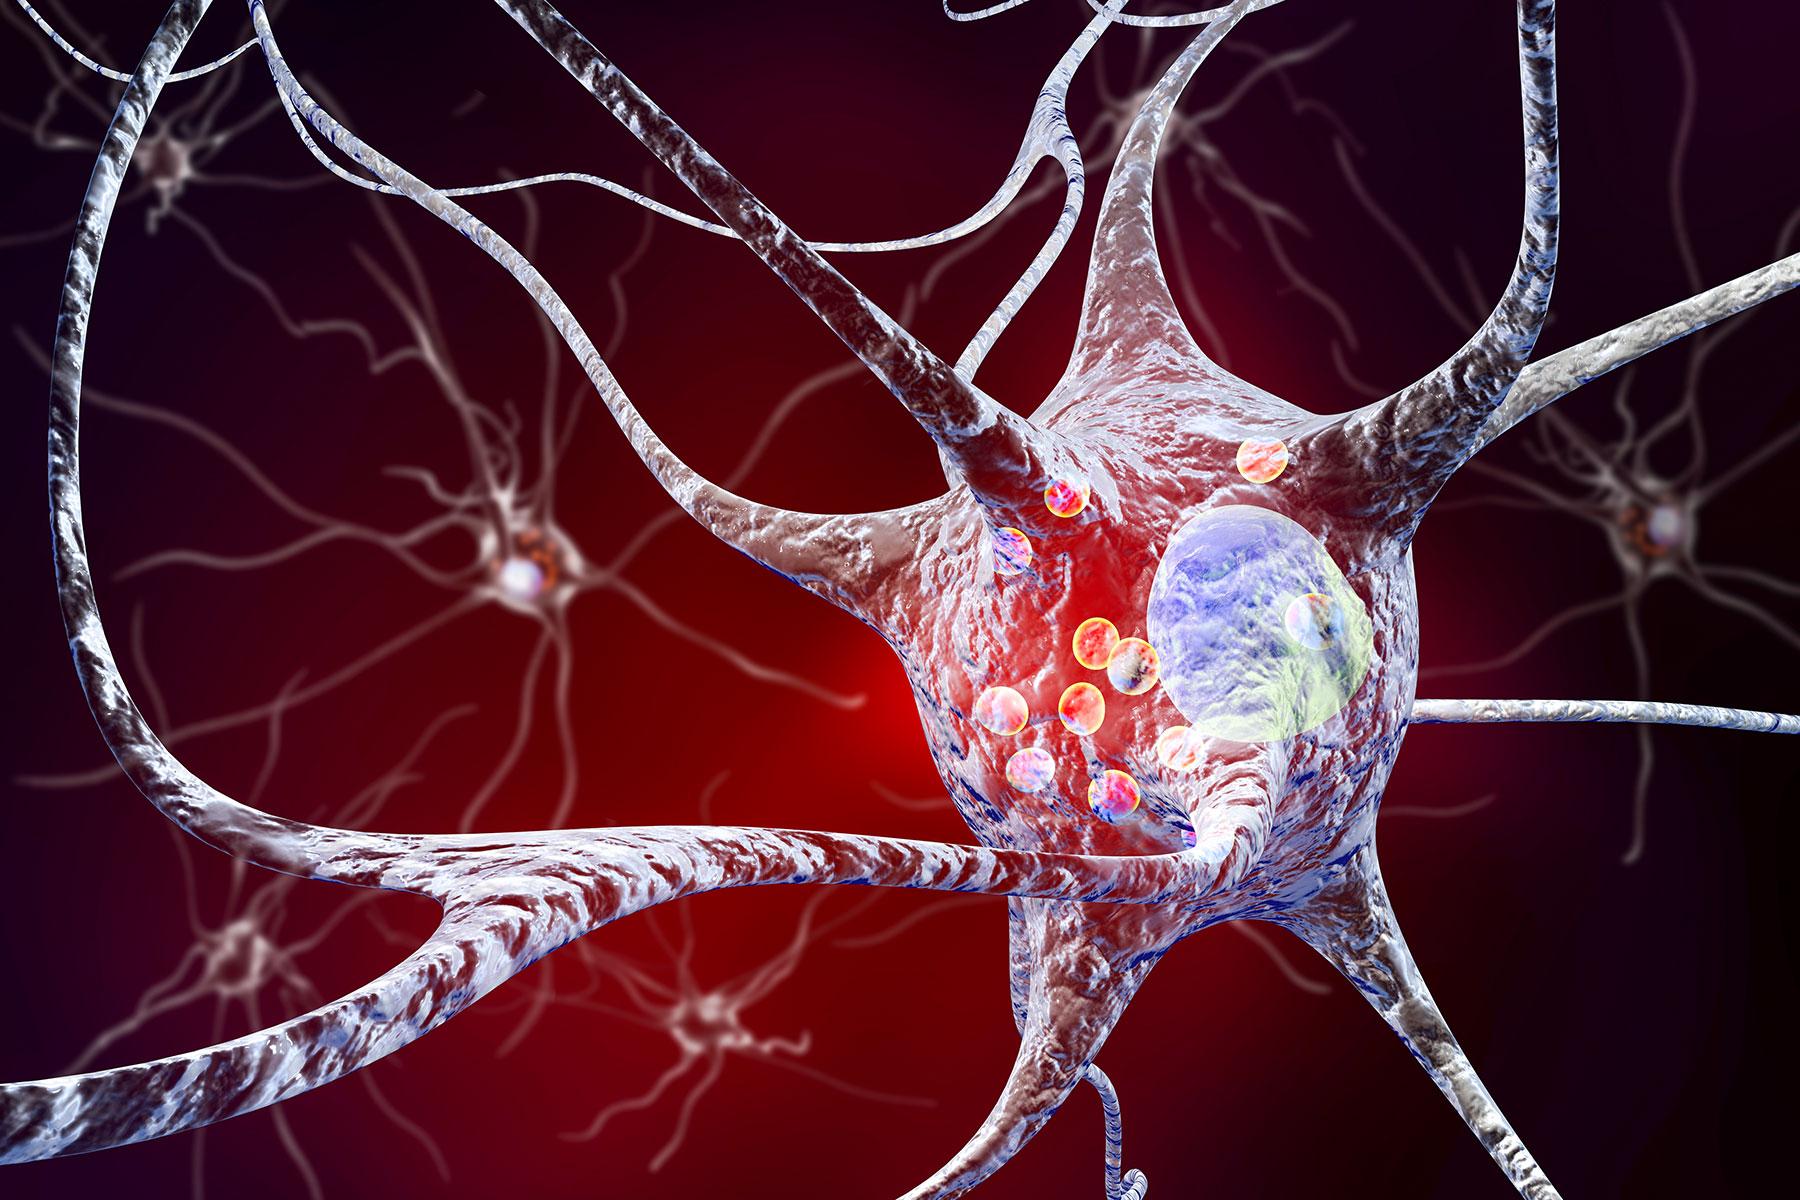 Καρκίνος Εγκεφάλου: Επιστήμονες ανακάλυψαν δομές στον εγκέφαλο ασθενών με καρκίνο που μπορούν να βοηθήσουν στην αναχαίτιση του